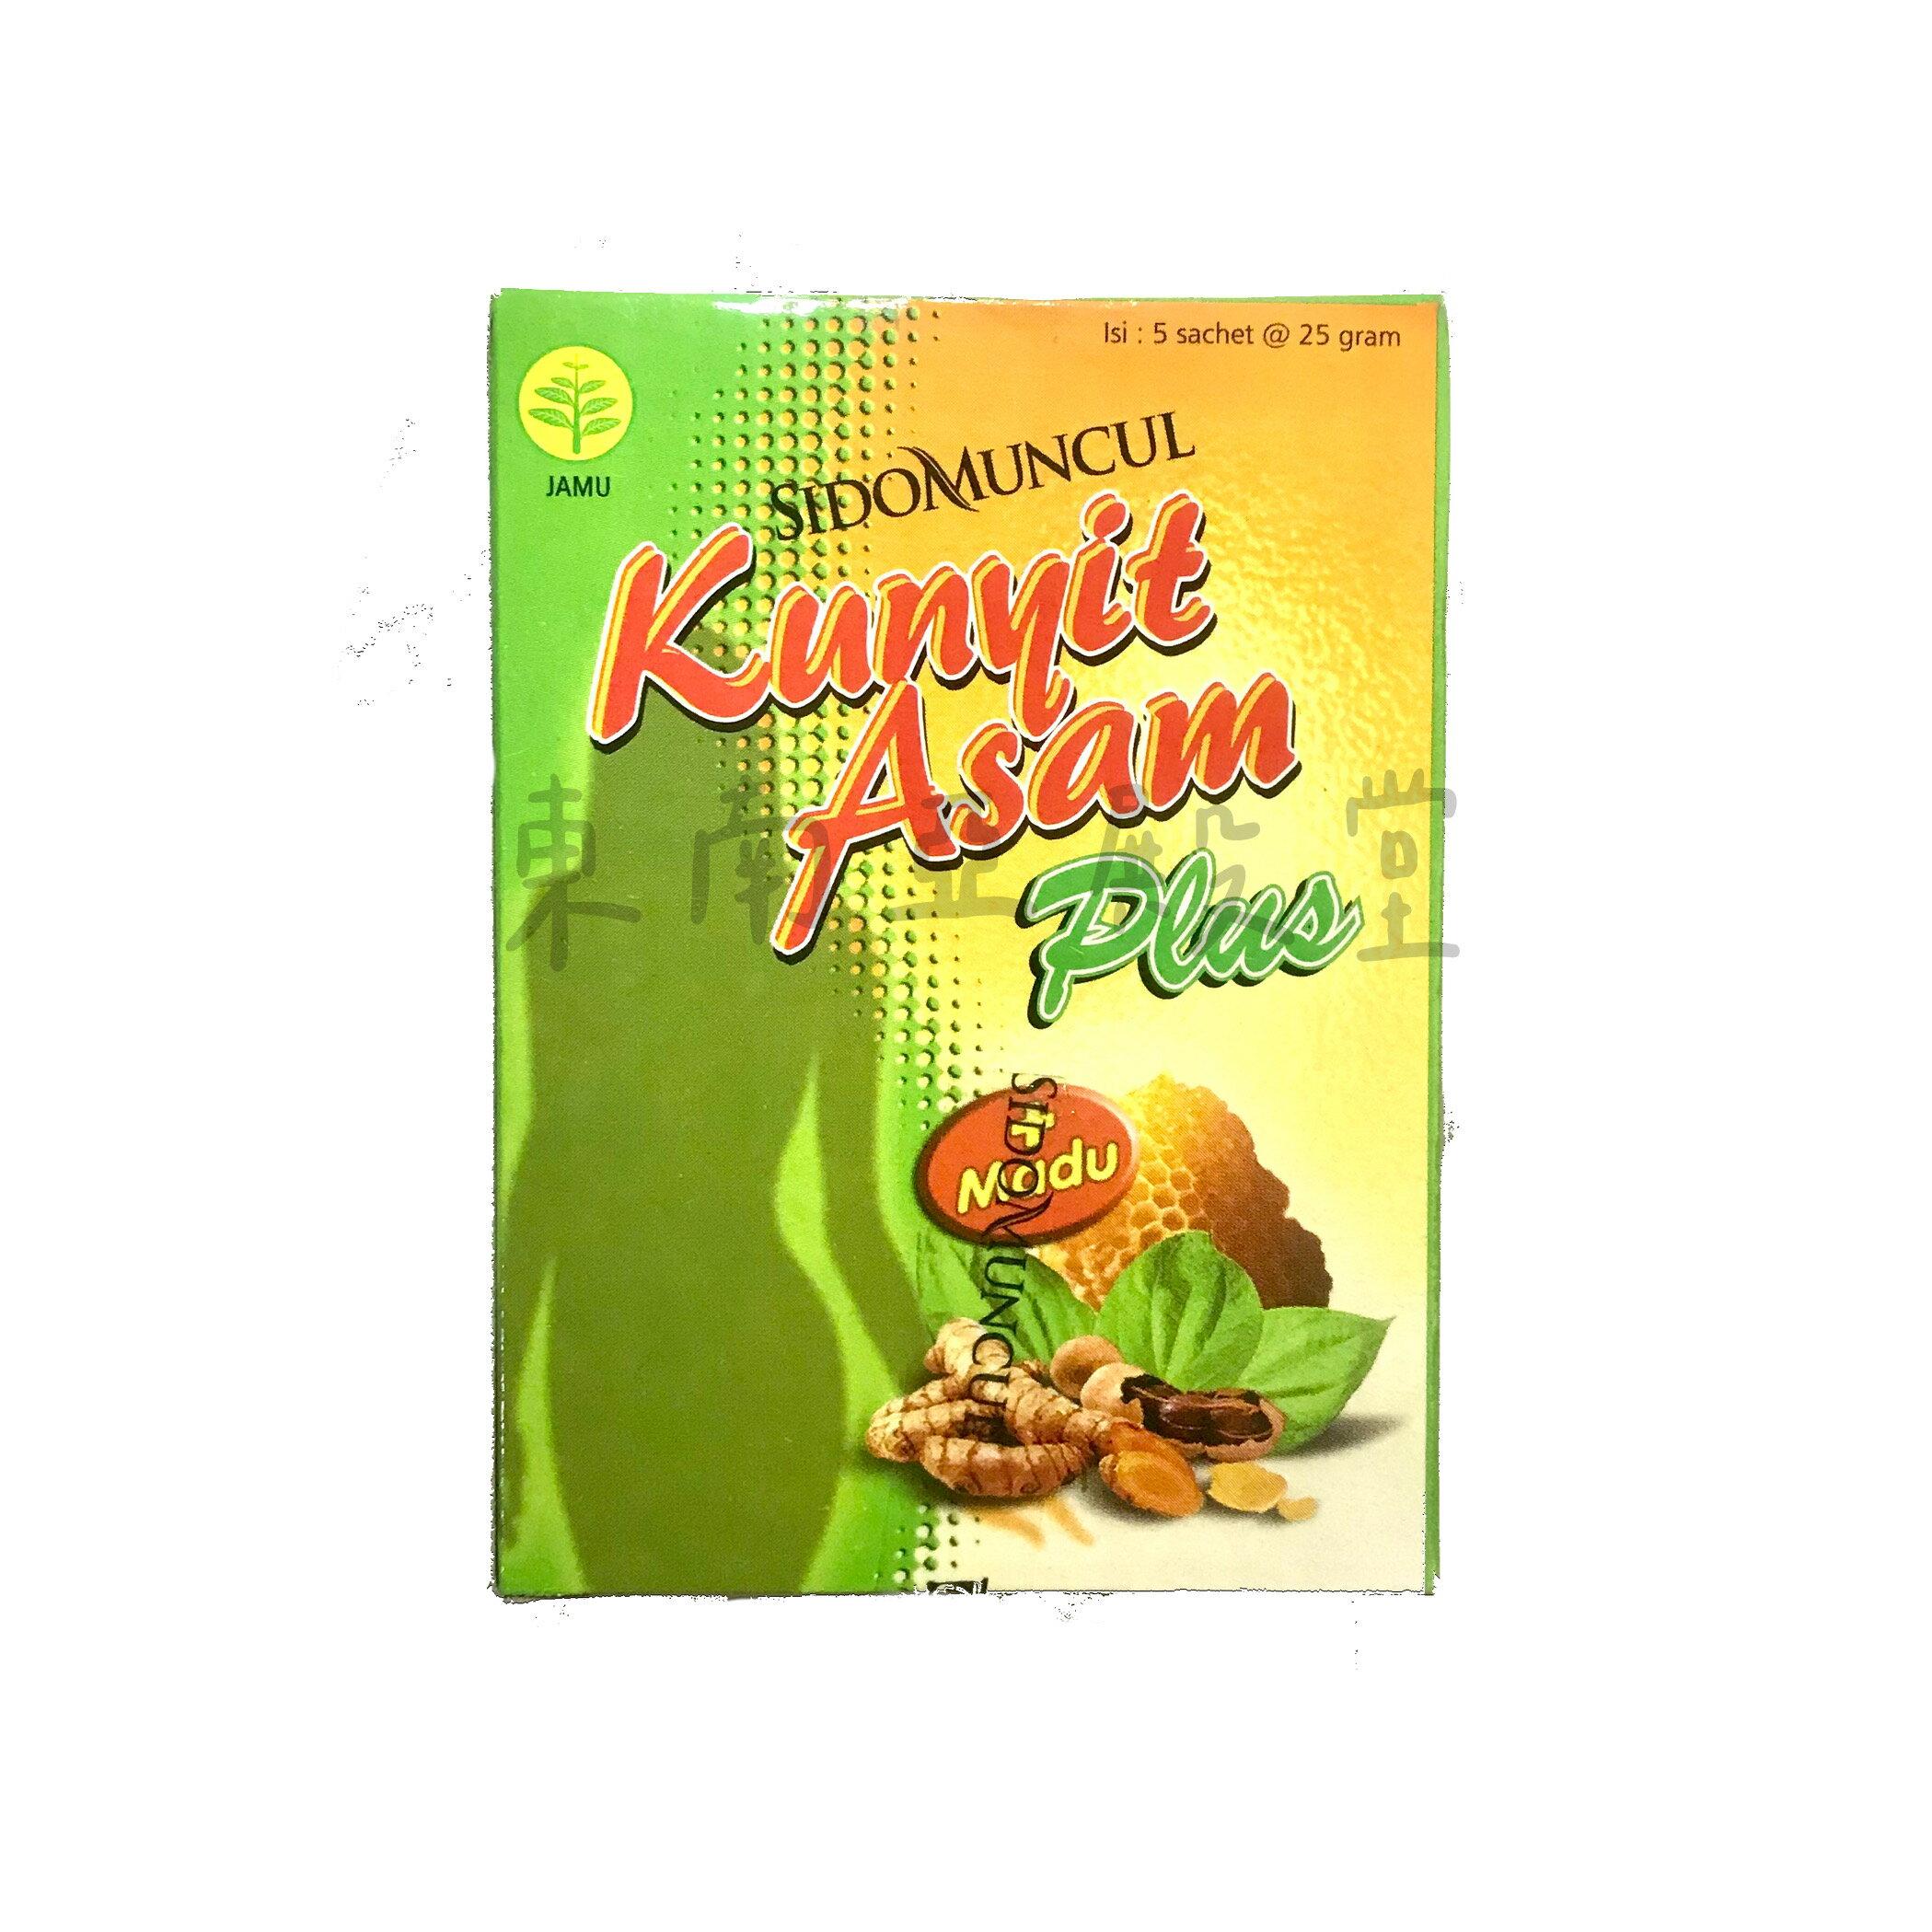 [東南亞殿堂]印尼-Kunyit Asam Sidomuncul 薑黃酸子粉 飲料-25g*5包